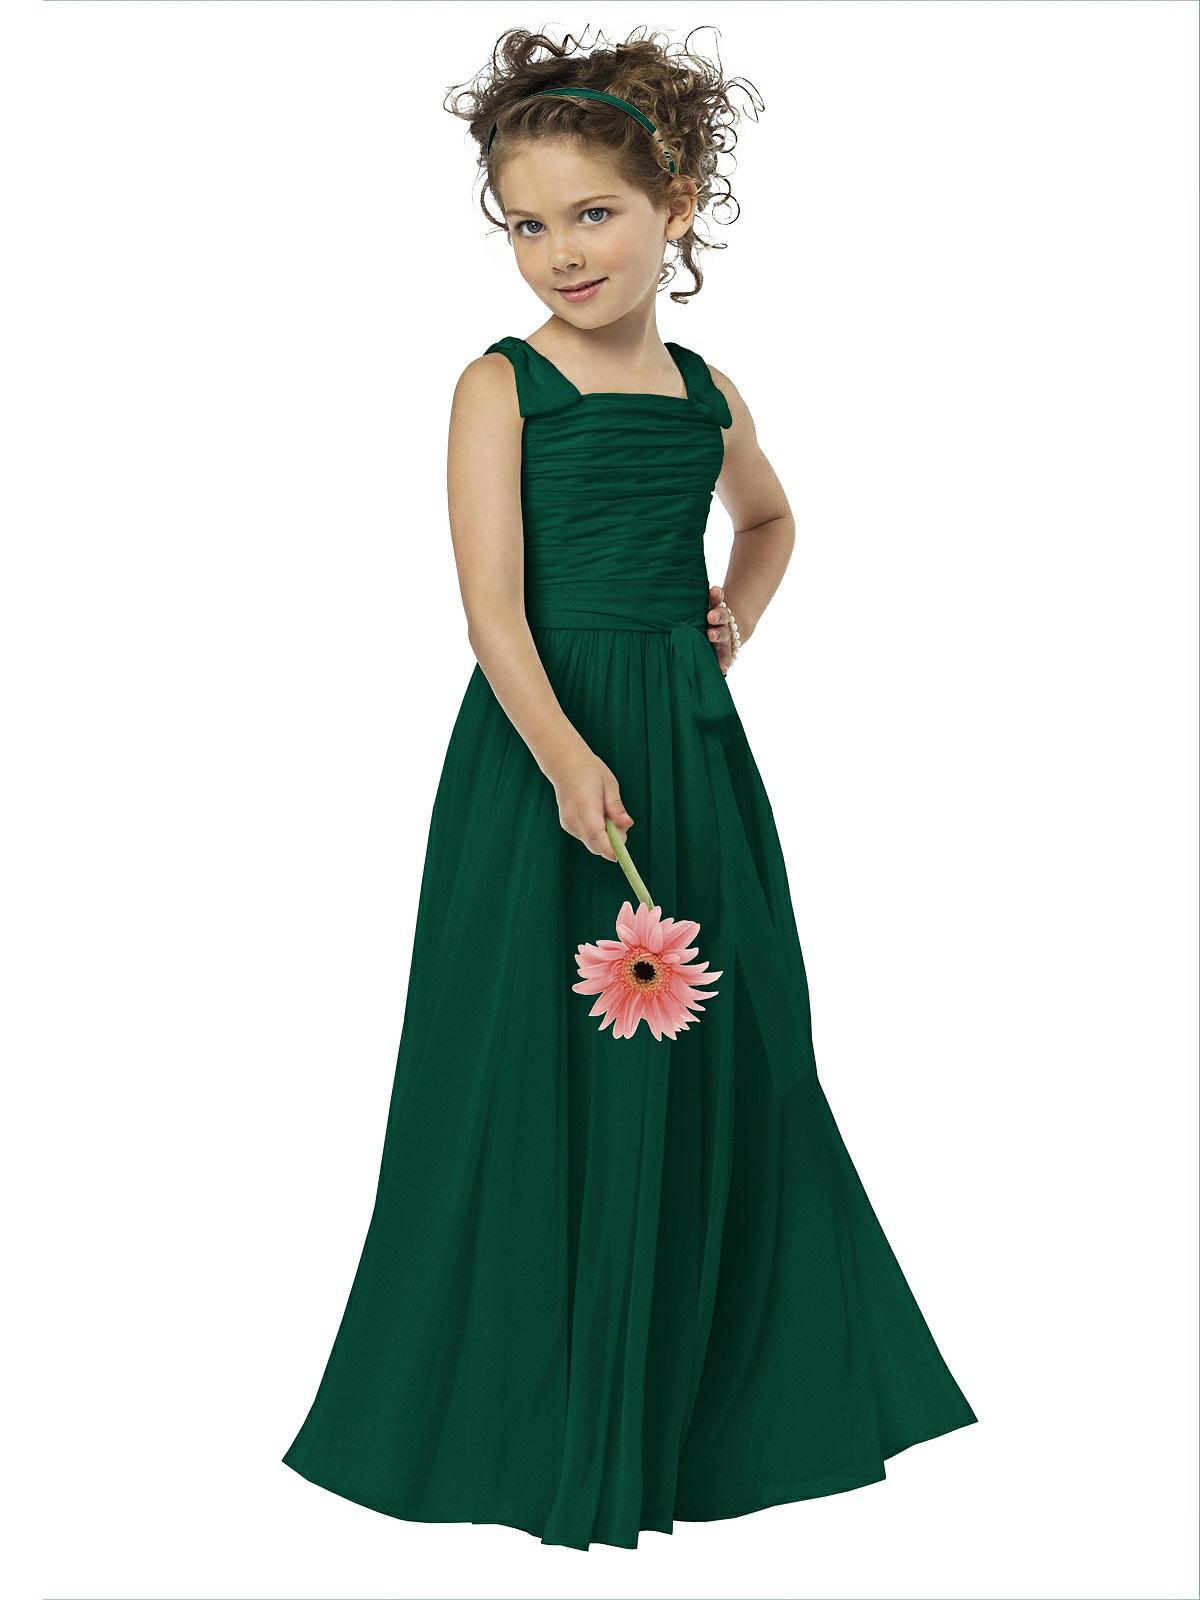 99a117a6948 Dessy Flower Girl Shimmer Dress FL4033LS - Lux Shimmer